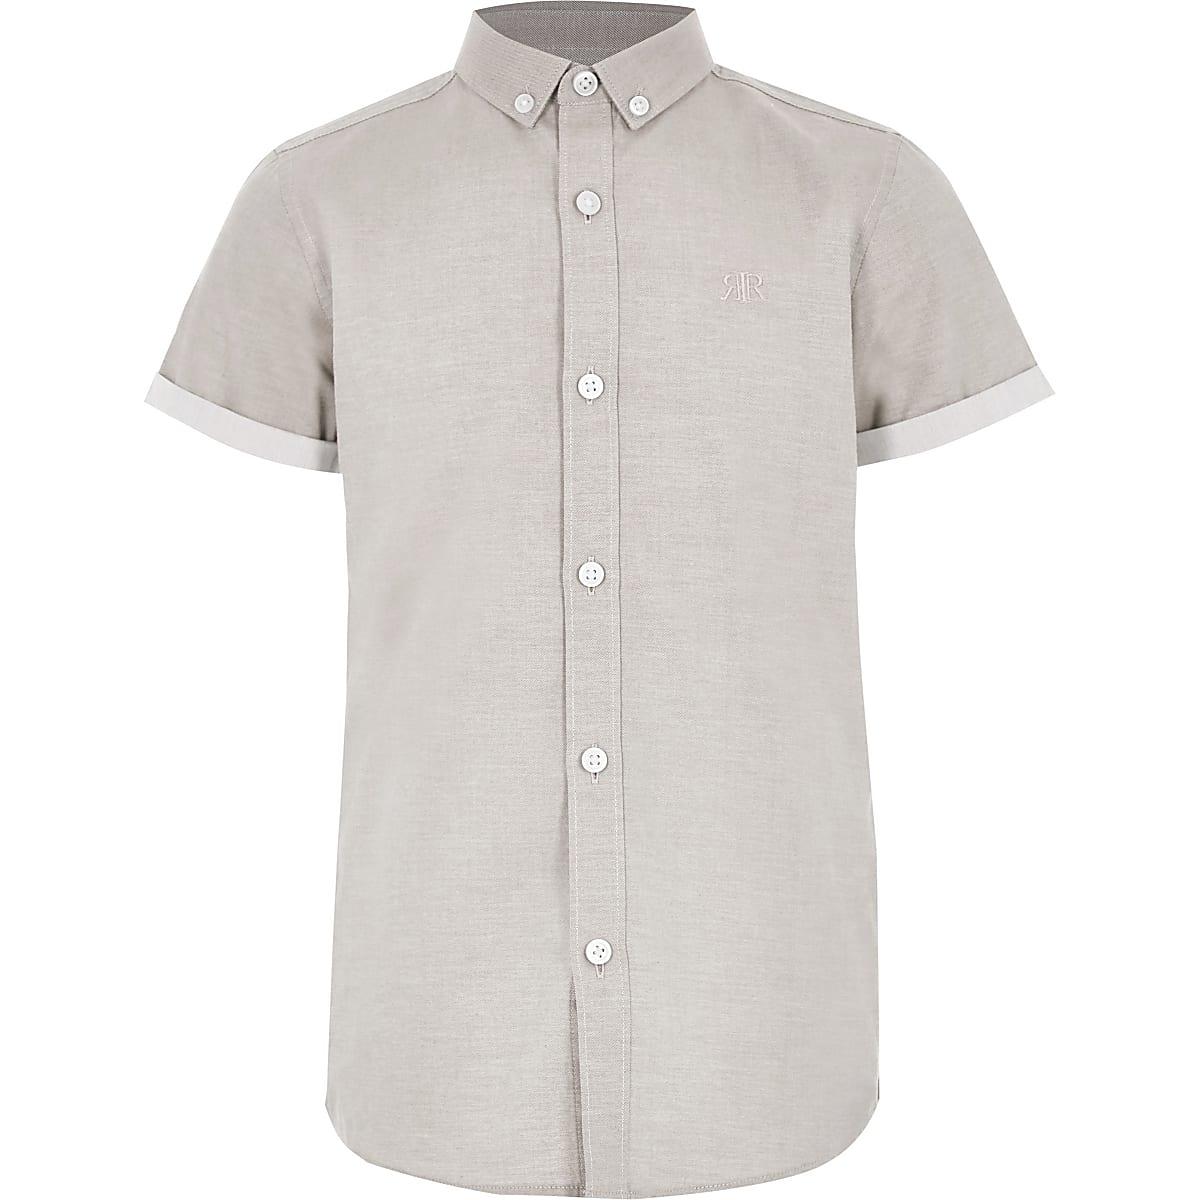 Kiezelkleurig overhemd met korte mouwen en RI-logo voor jongens